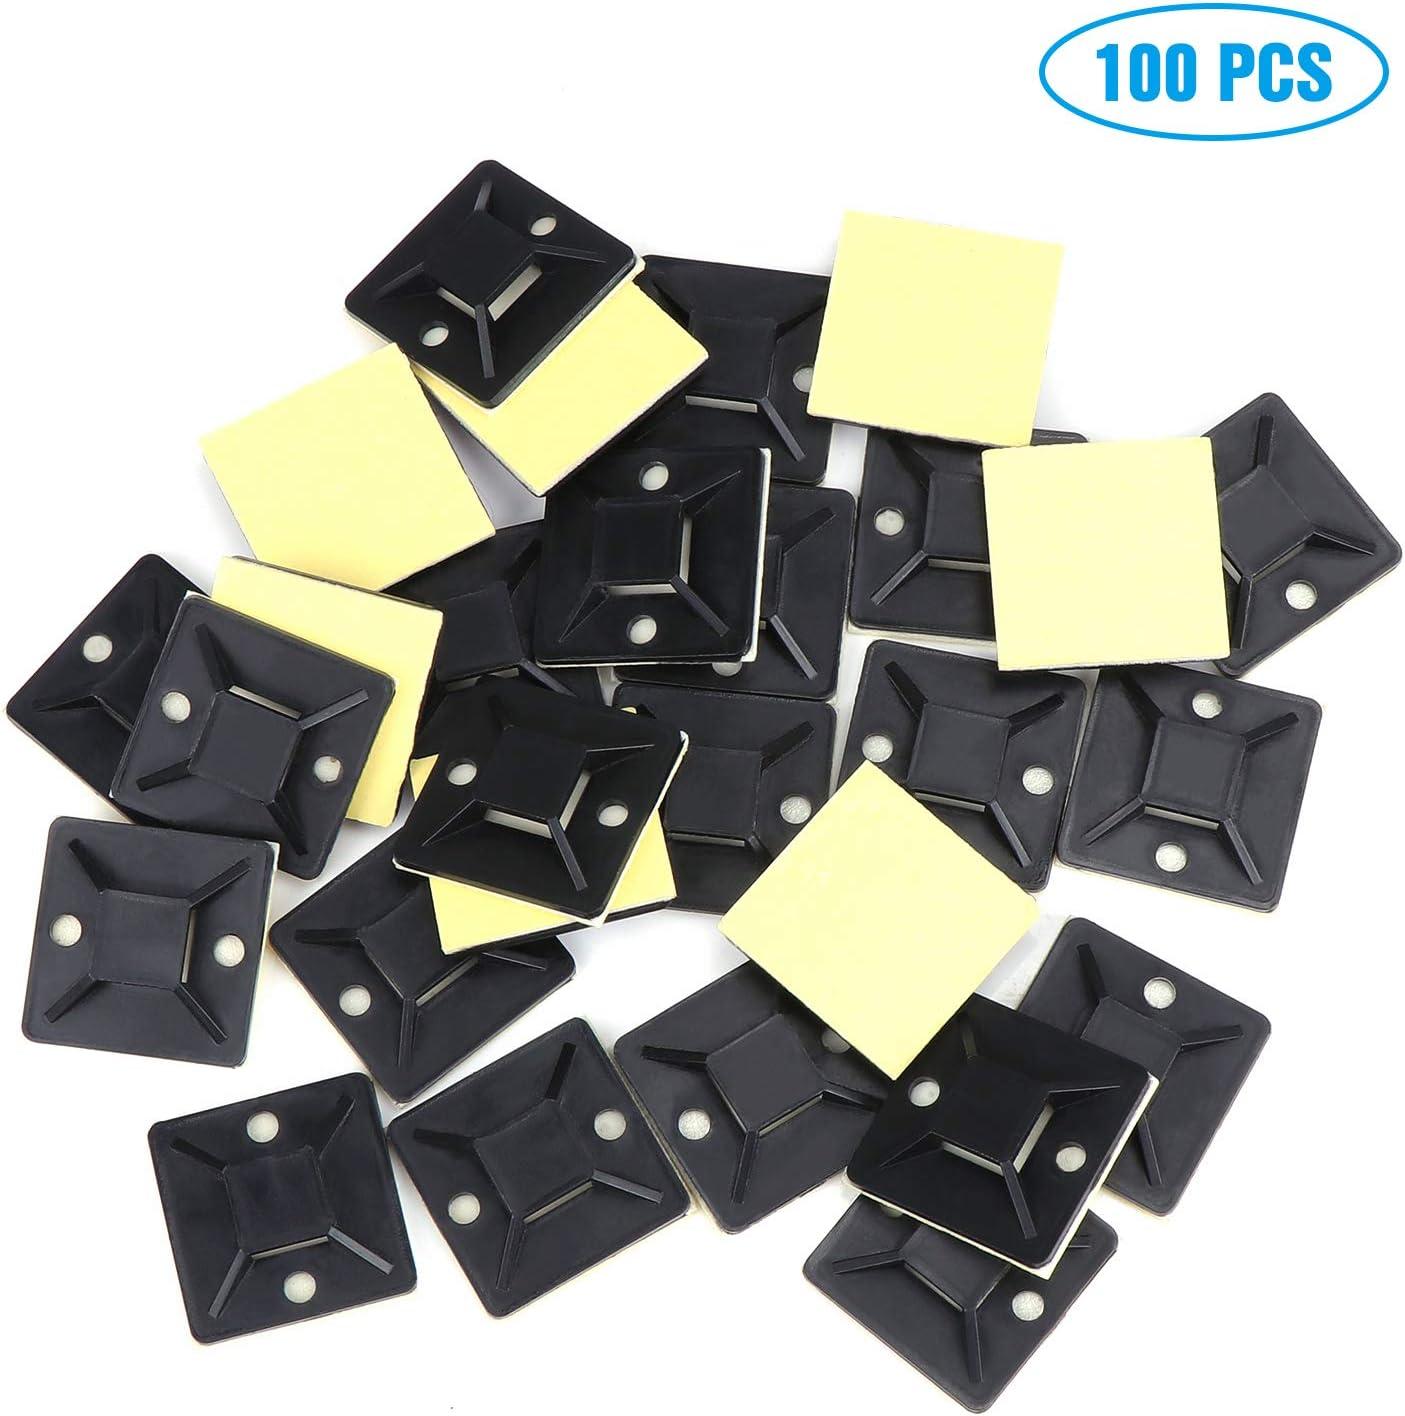 100 pi/èce Embases Adhesive pour Attache de Cable Fippy Attache C/âble 100 pi/èce Serre C/âbles Nylon Noirs